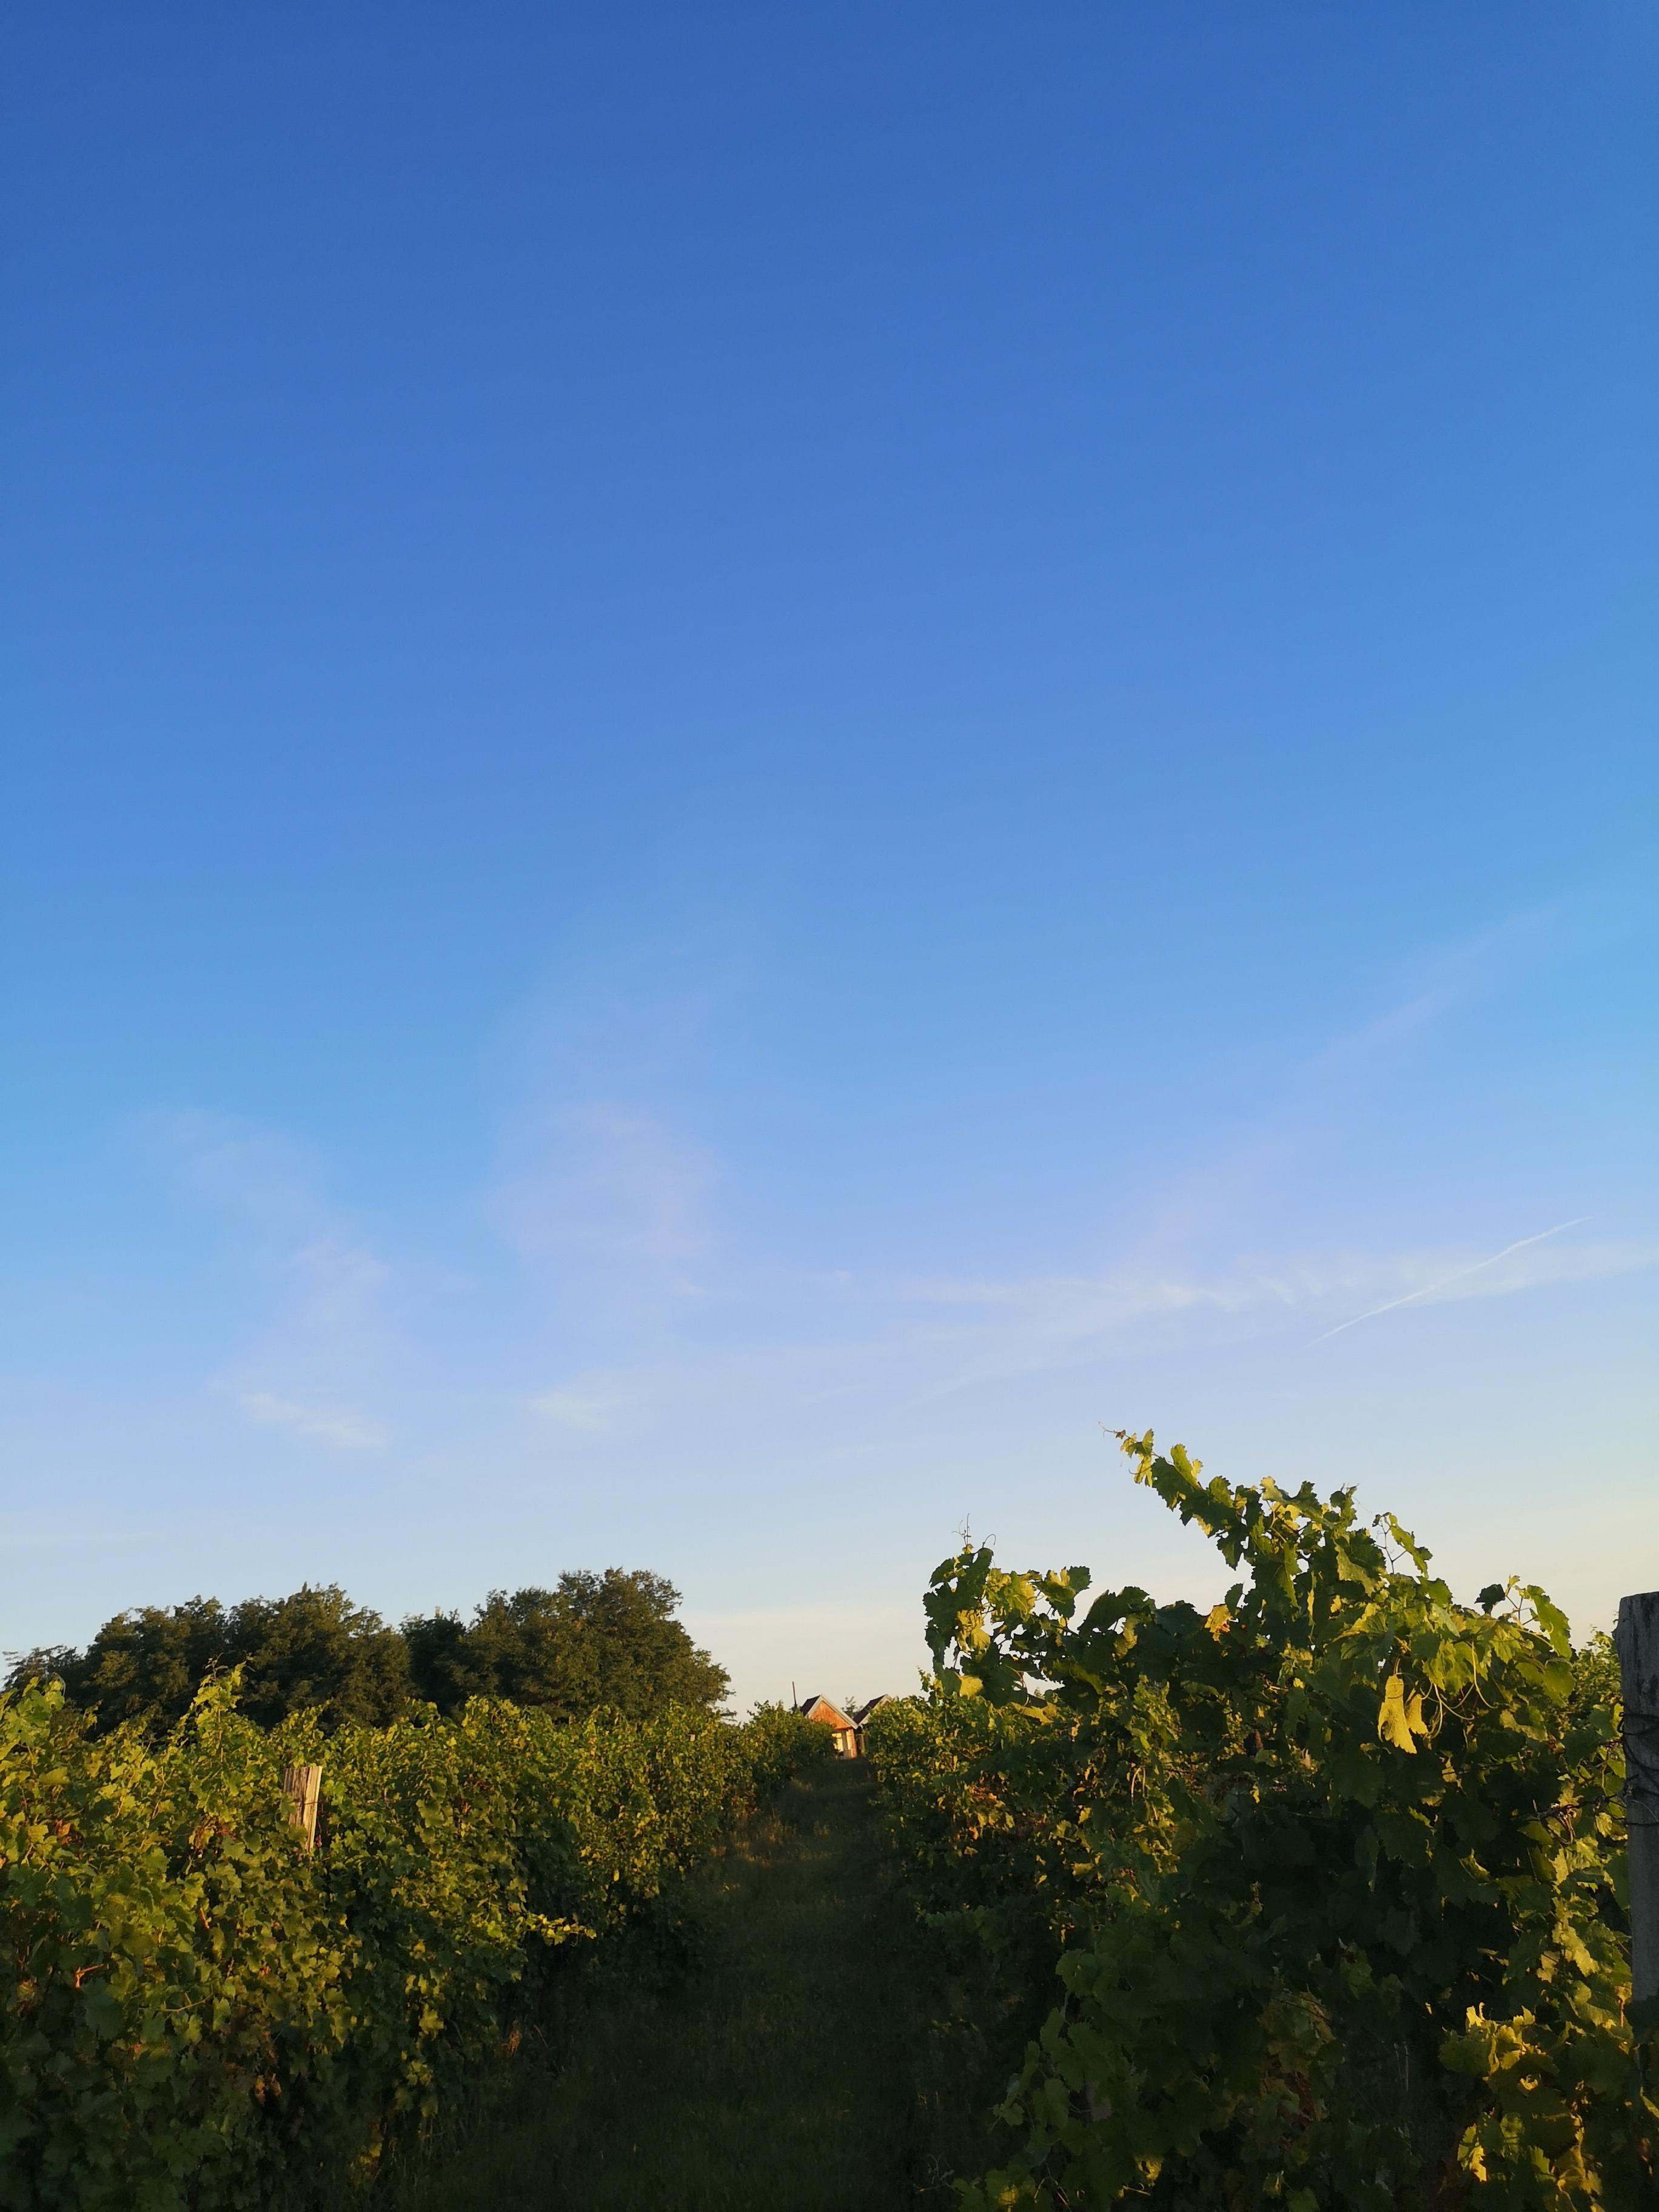 Proizvodnja vina: uzgoj vinove loze i berba grožđa